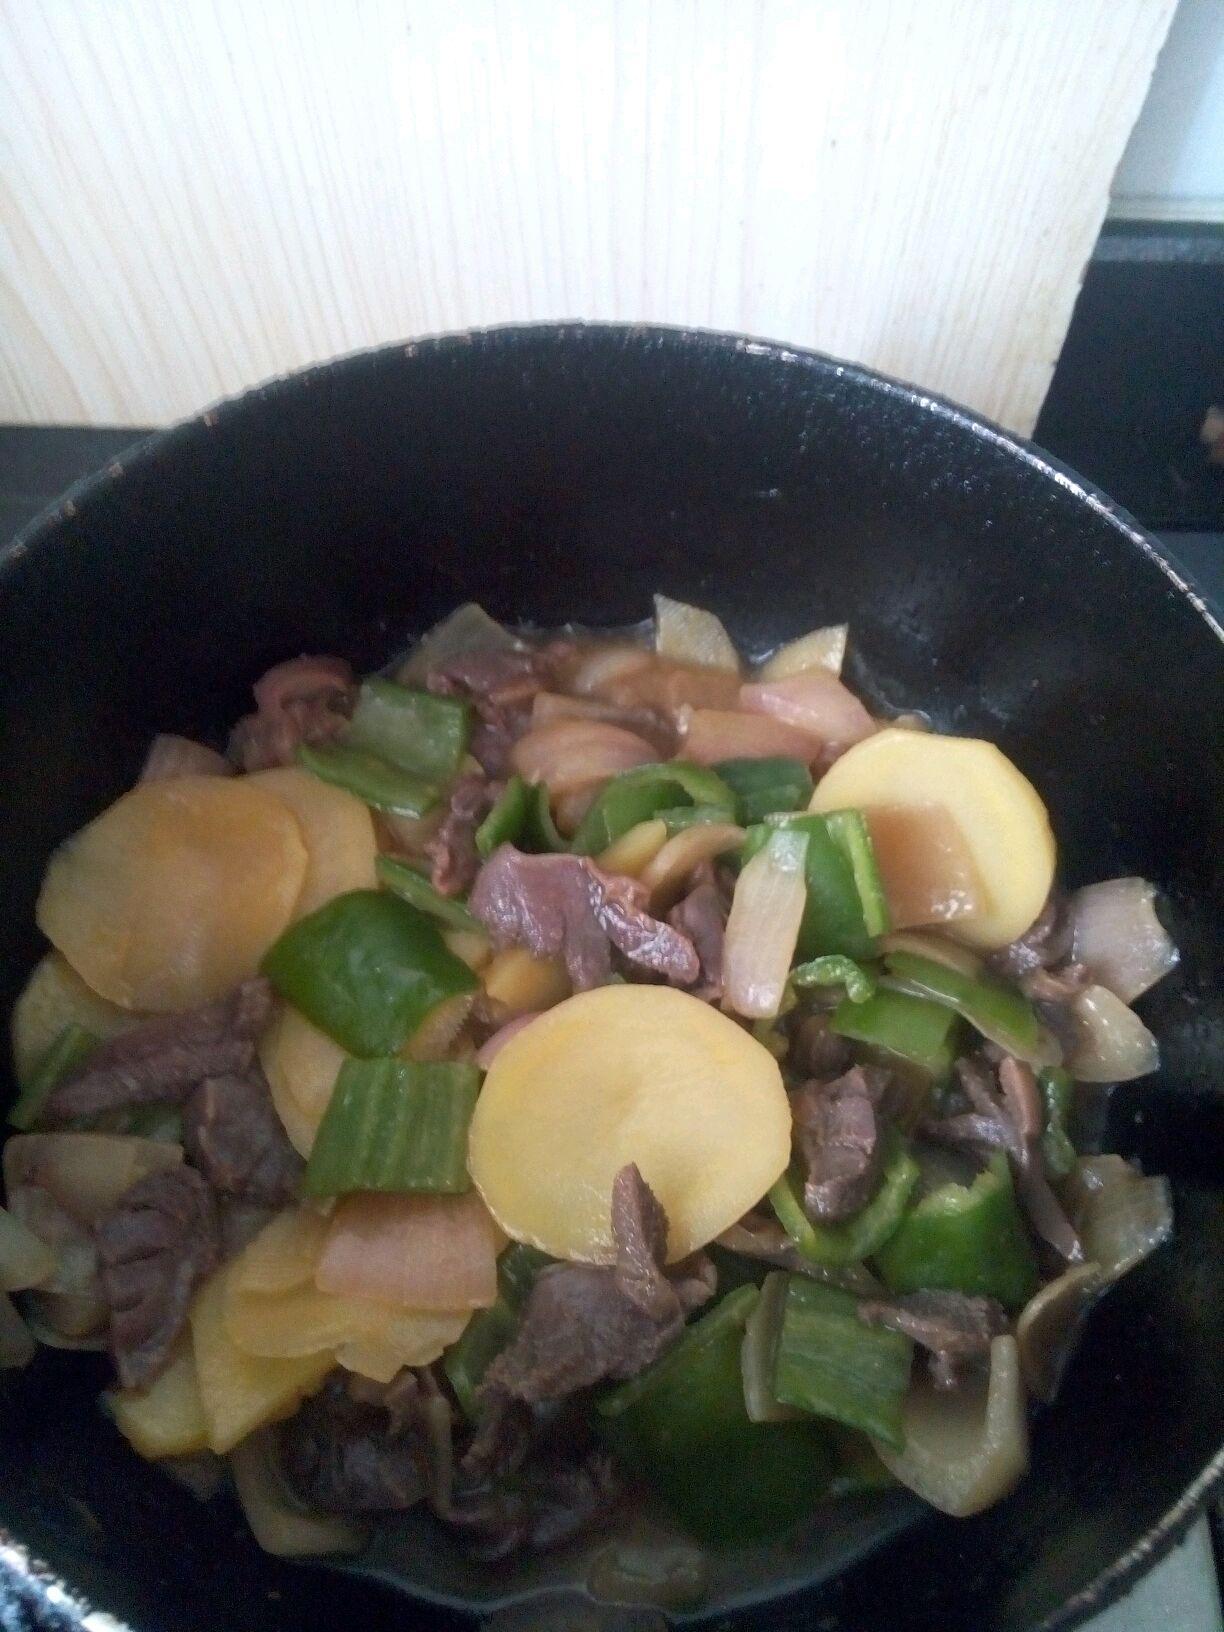 洋葱土豆青椒炒鸭肫(附切洋葱方法)的做法图解8